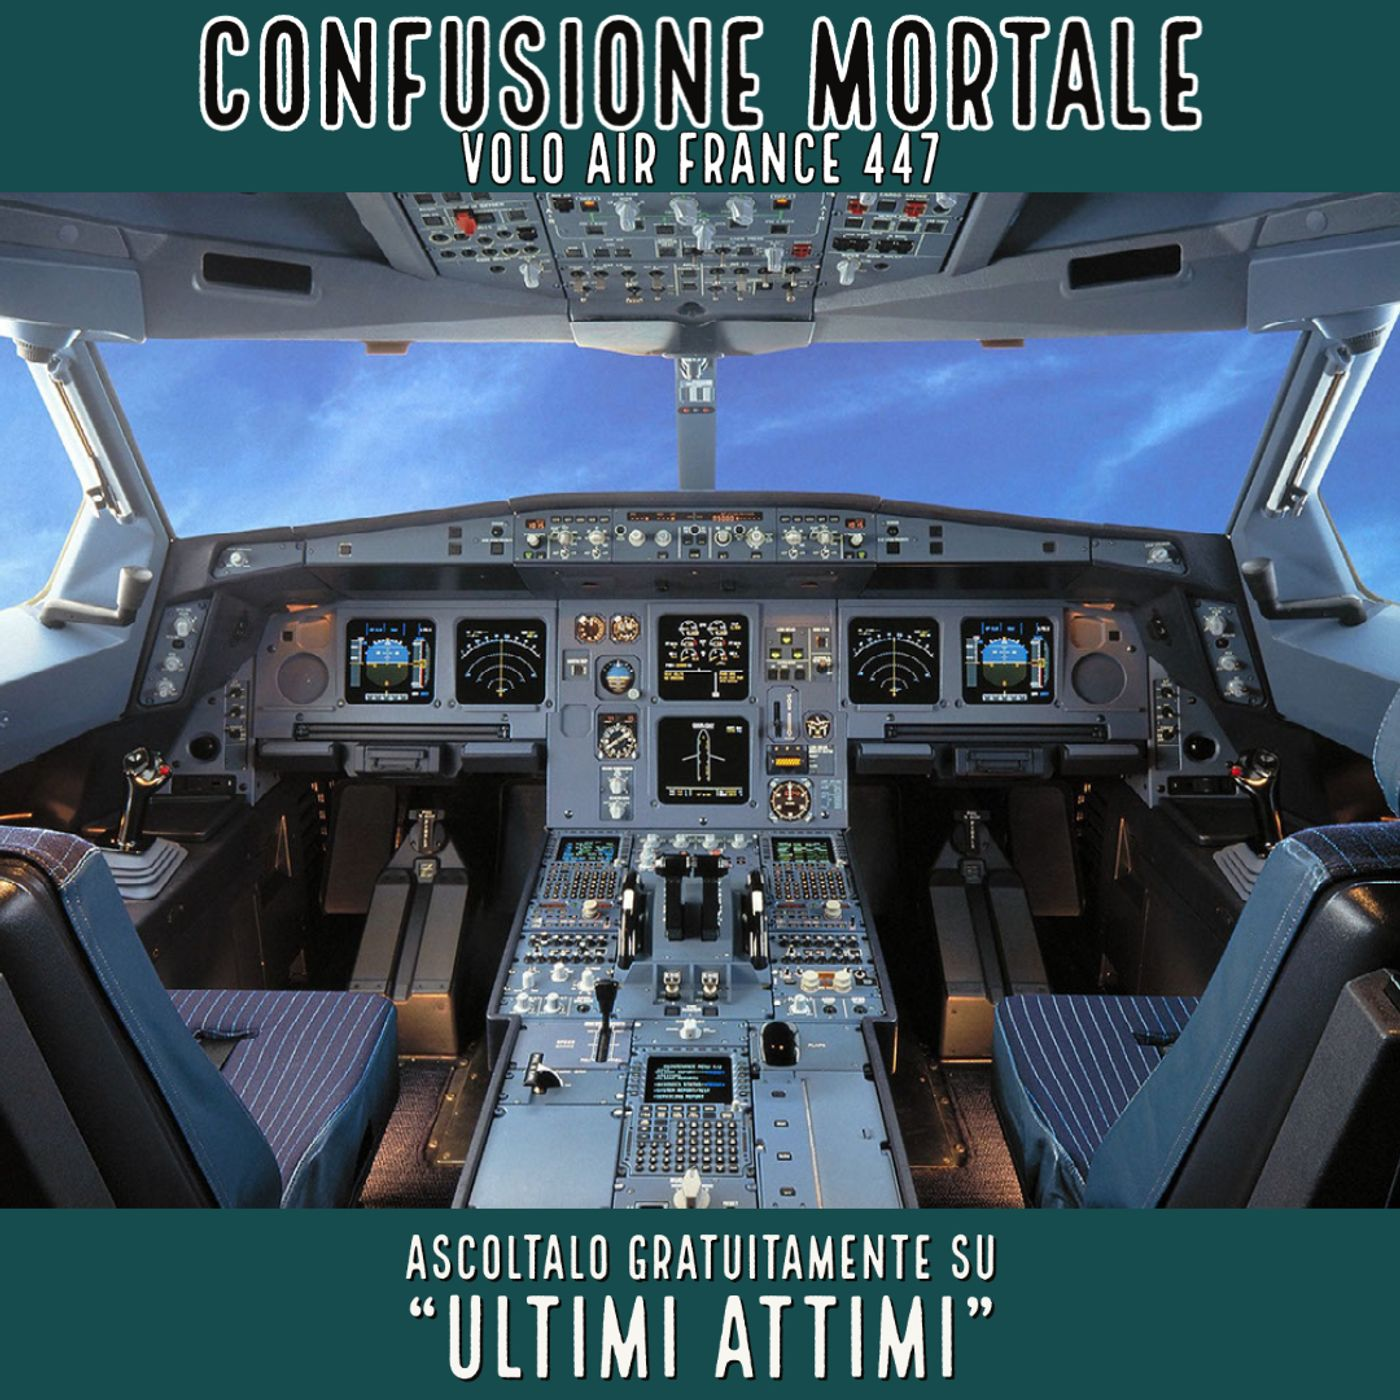 Confusione mortale - Volo Air France 447